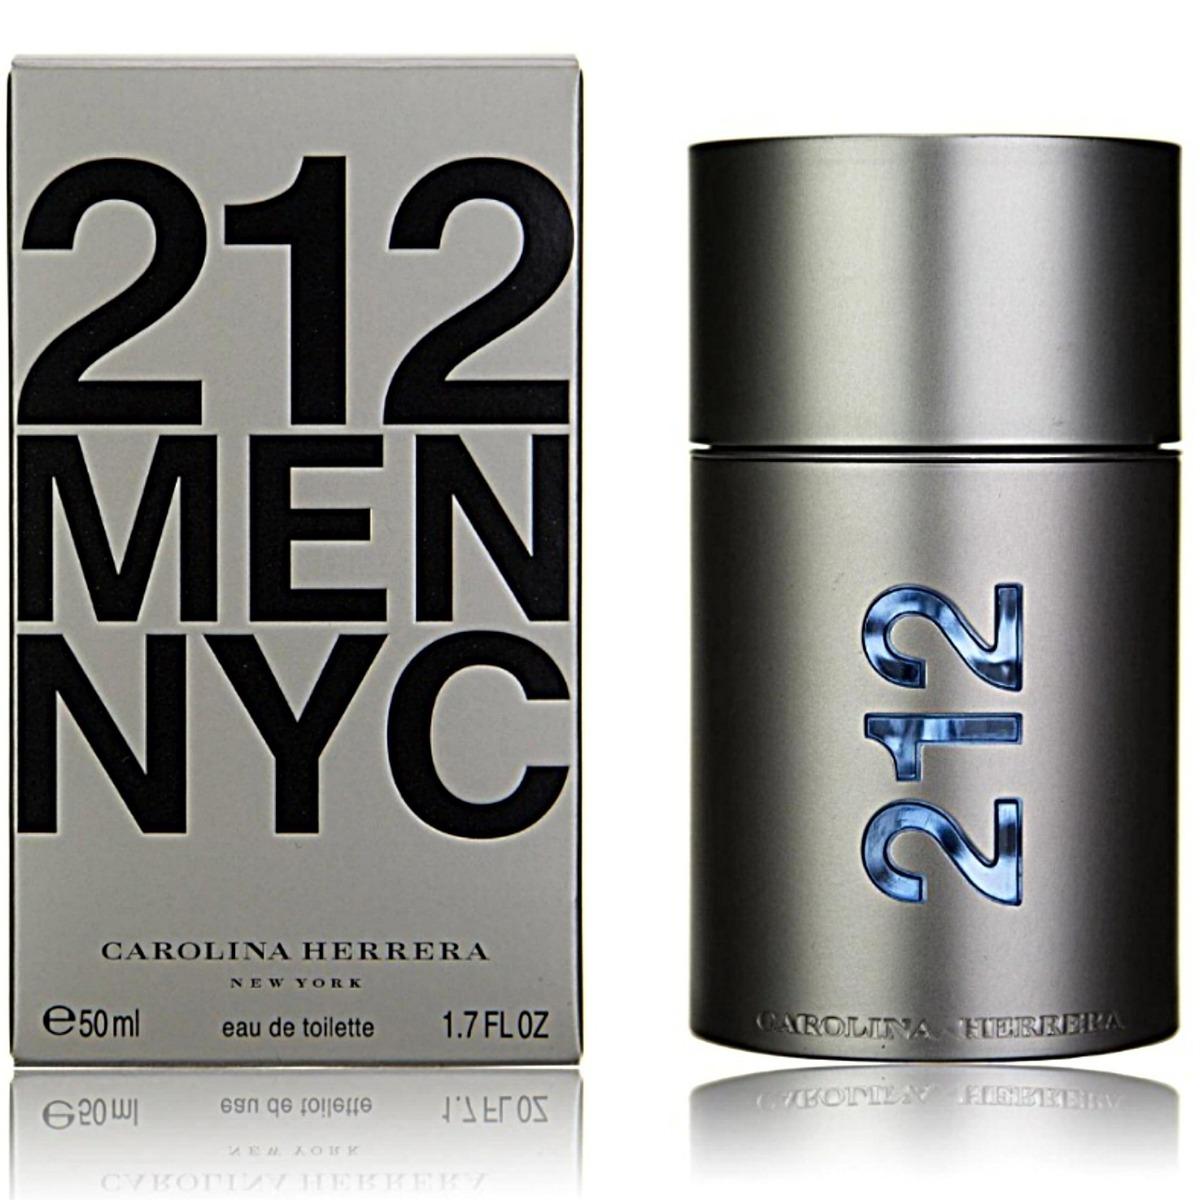 35194c5165 perfume 212 nyc men carolina herrera eau de toilette 50 ml. Cargando zoom.